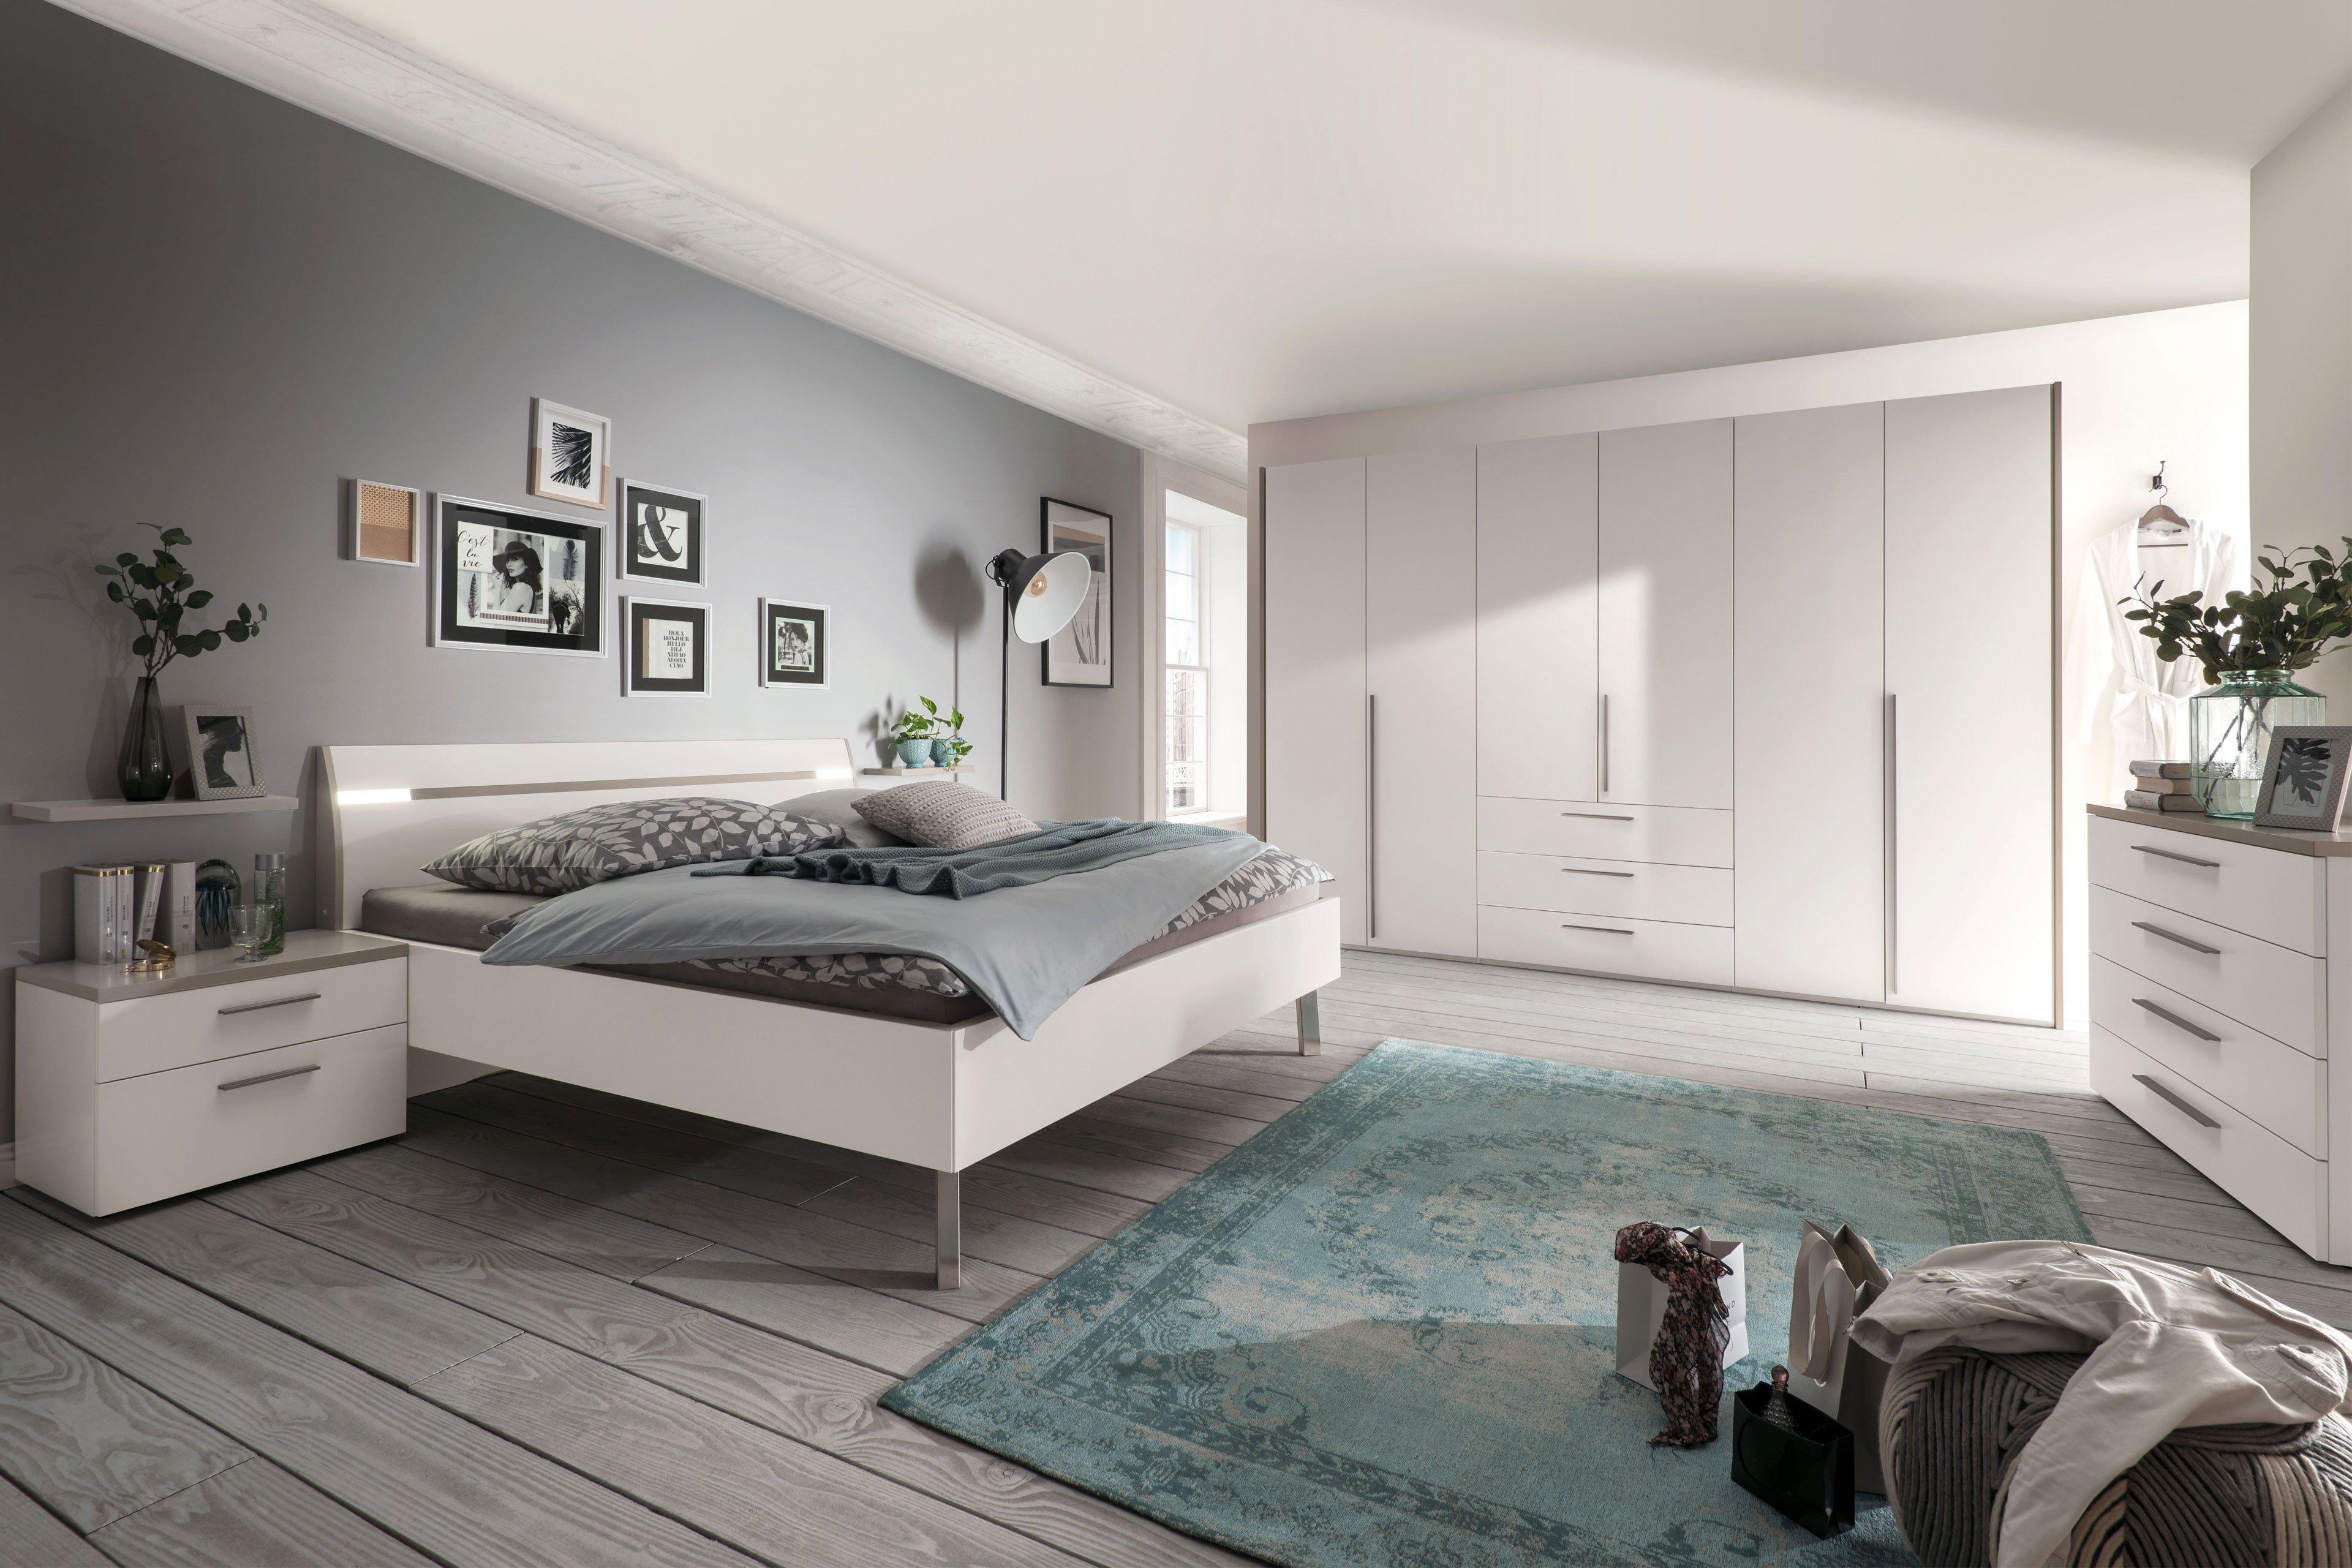 Gloss von Loddenkemper - Schlafzimmer-Set Lack weiß - sahara